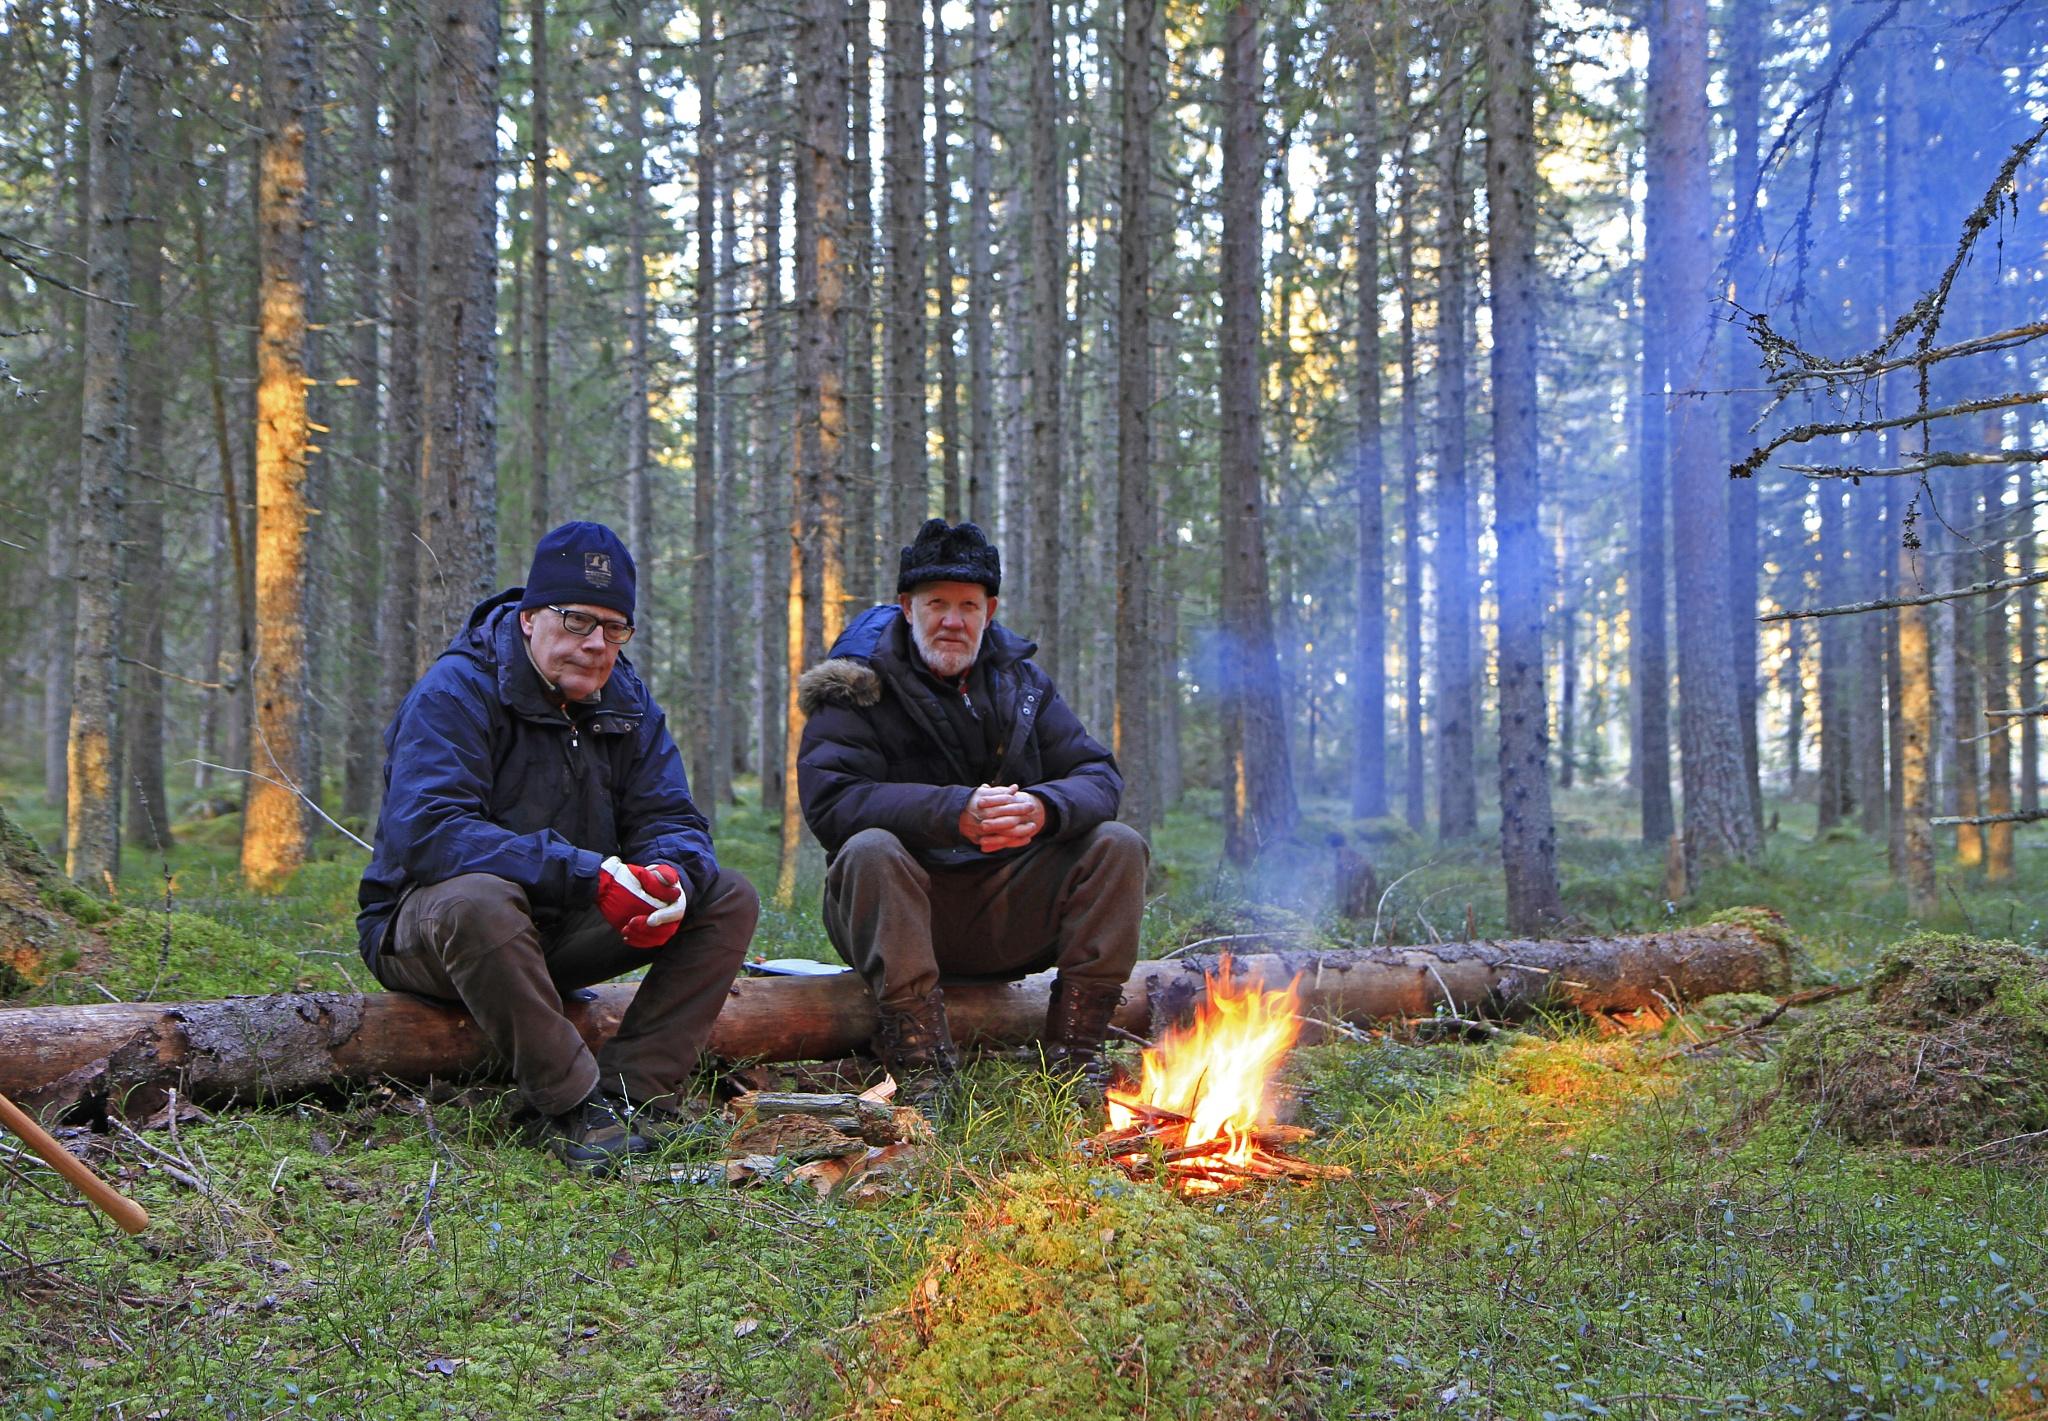 Värmande eld by alf pallin